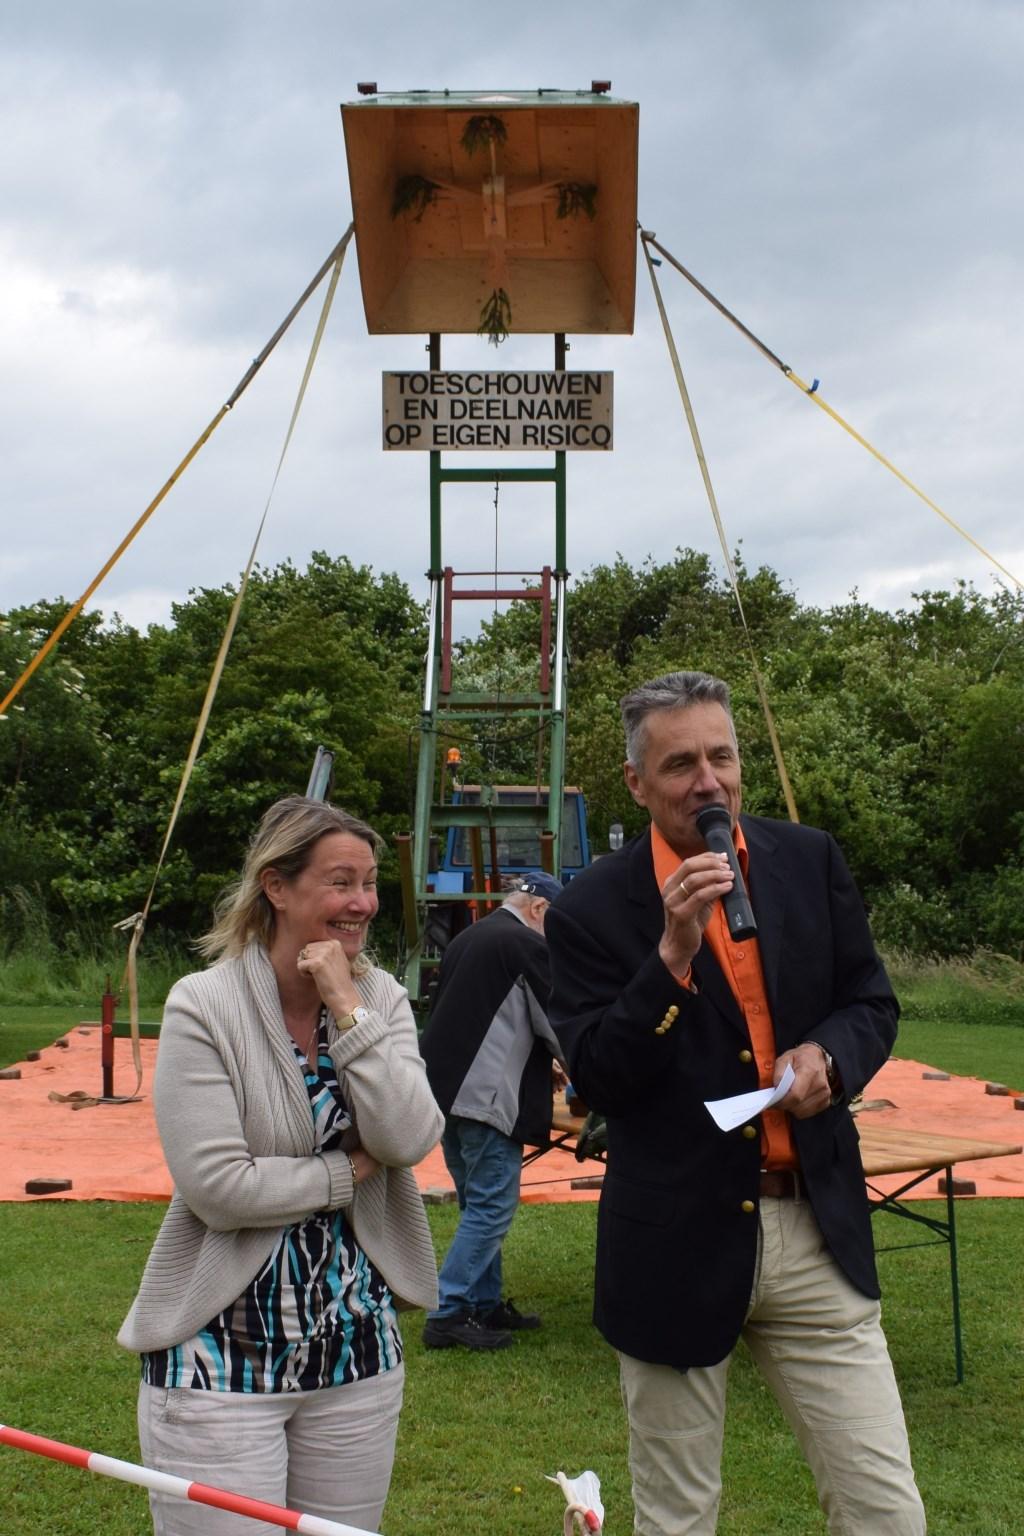 Laura Werger wordt verwelkomd door de voorzitter. Foto: Ineke Hissink  © Achterhoek Nieuws b.v.